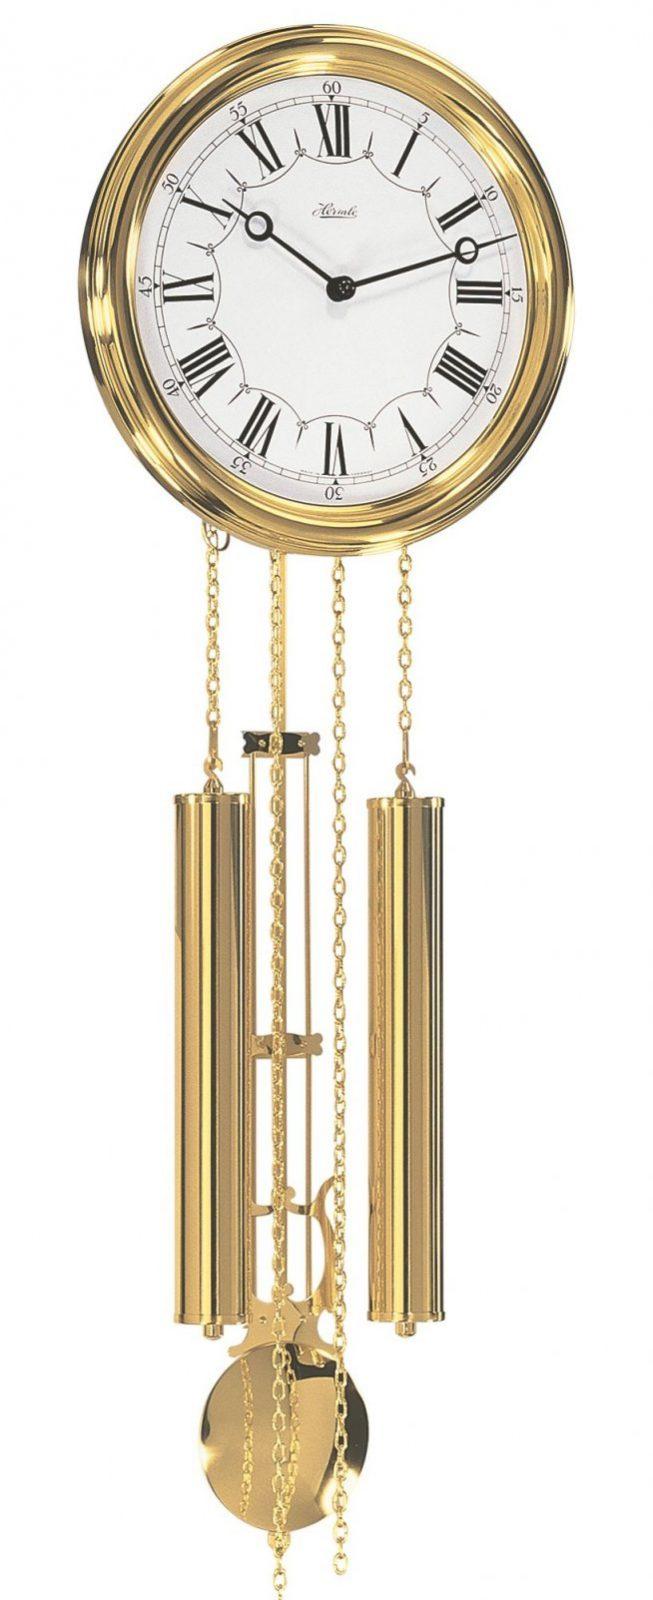 Wanduhren Mit Pendel (Regulateure)  Eble Uhrenpark von Wohnzimmer Uhren Mit Pendel Bild